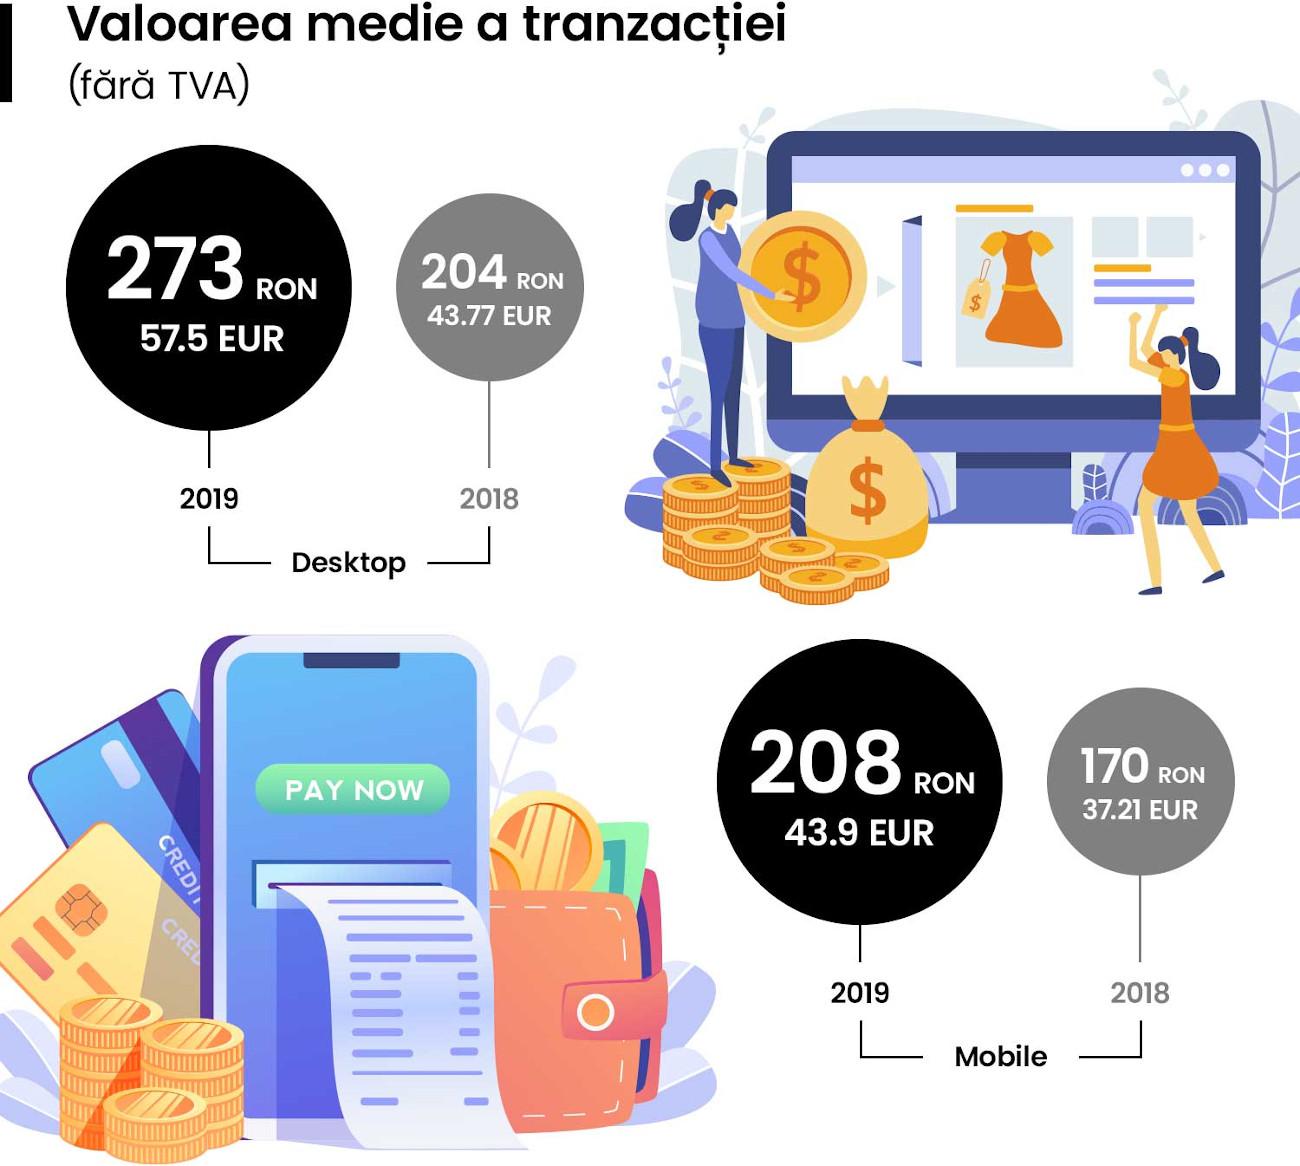 GPeC_valoarea medie a tranzactiei